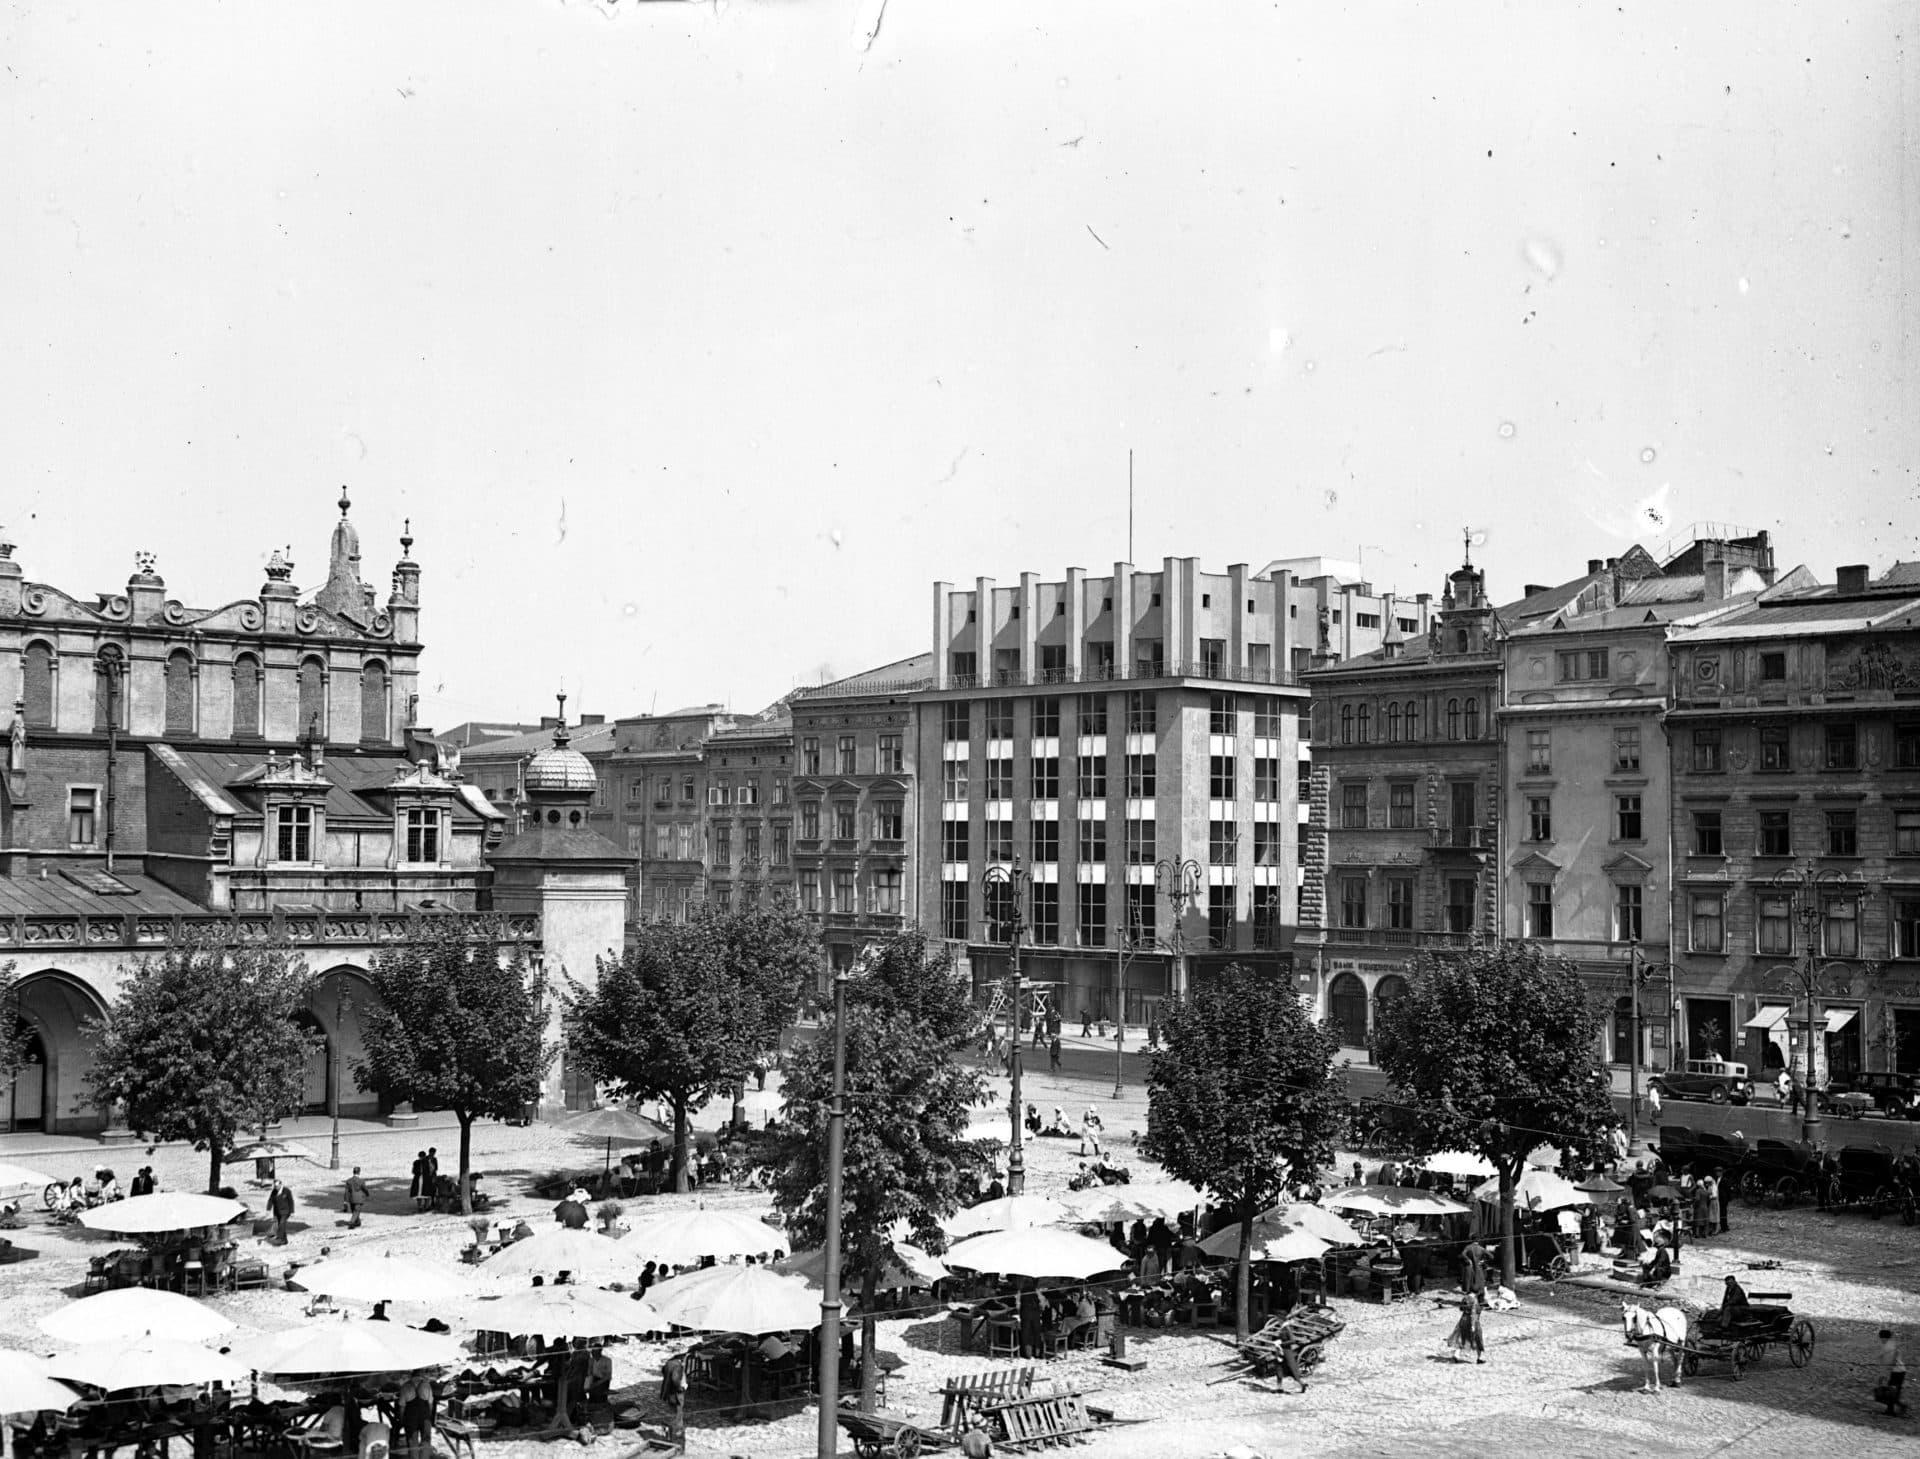 Rynek Główny w Krakowie. Około 1932-1933. Źródło: Narodowe Archiwum Cyfrowe.